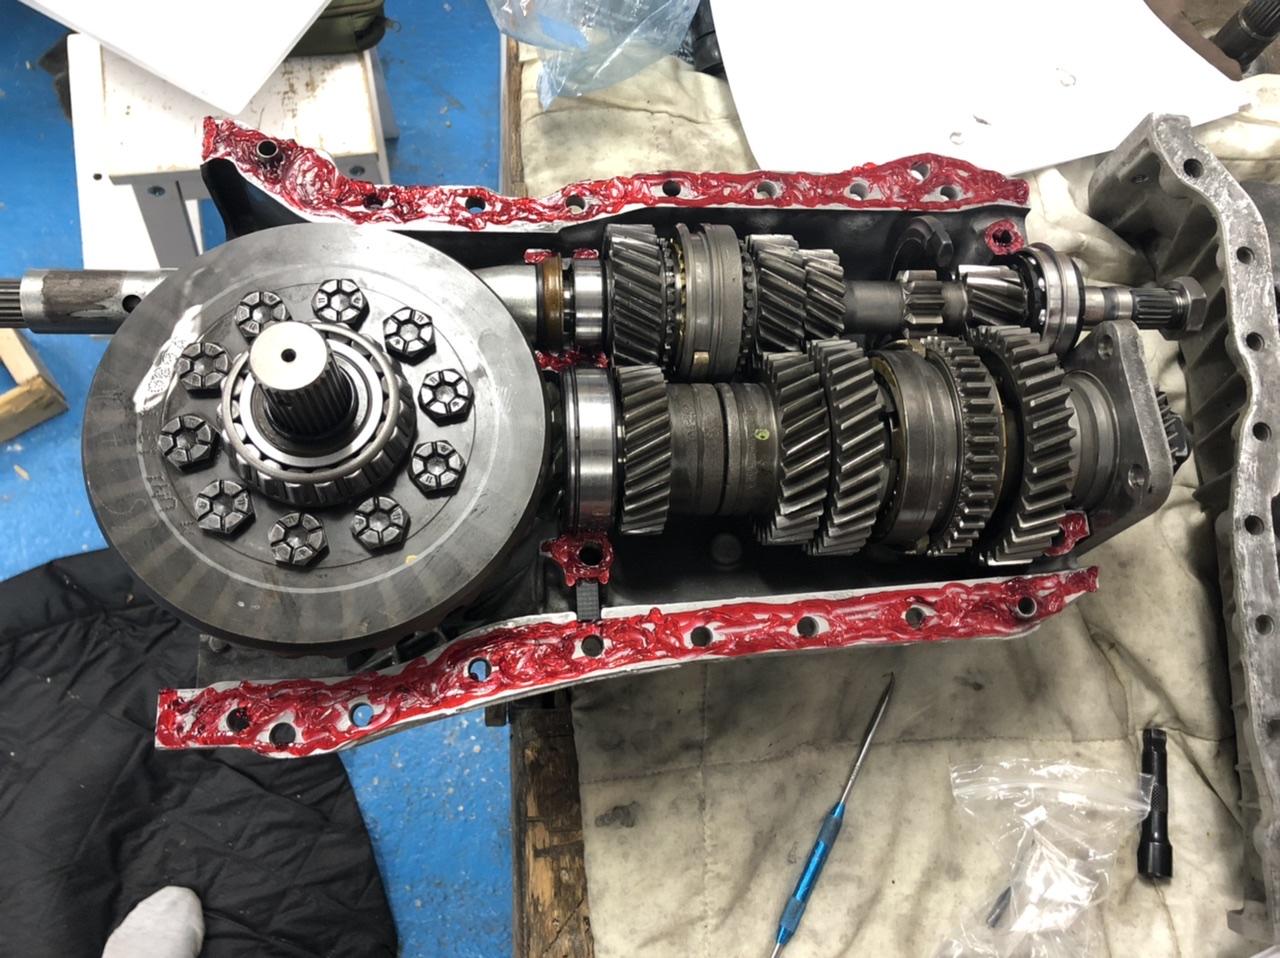 FAC417CB-3D32-4DD3-830F-DAEF003AC82B.jpeg